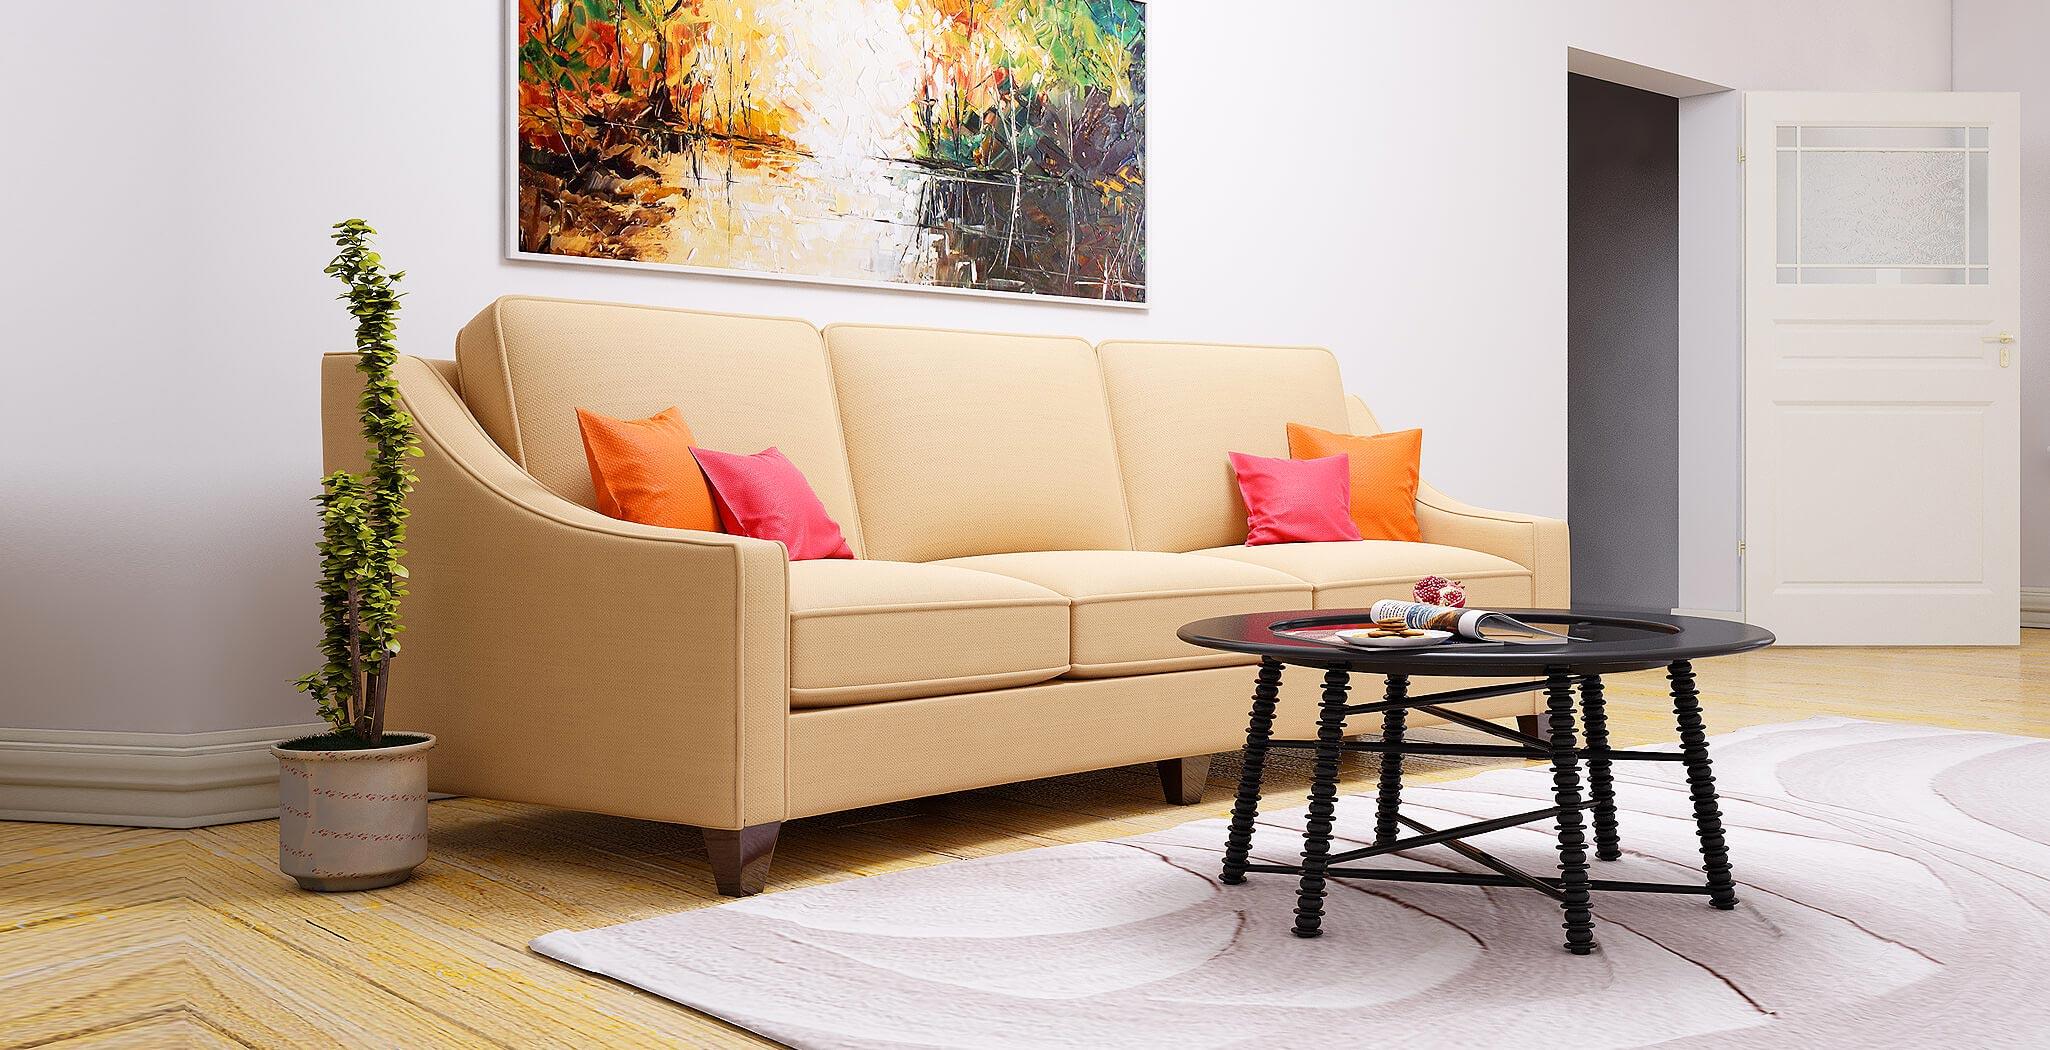 sanda sofa furniture gallery 4